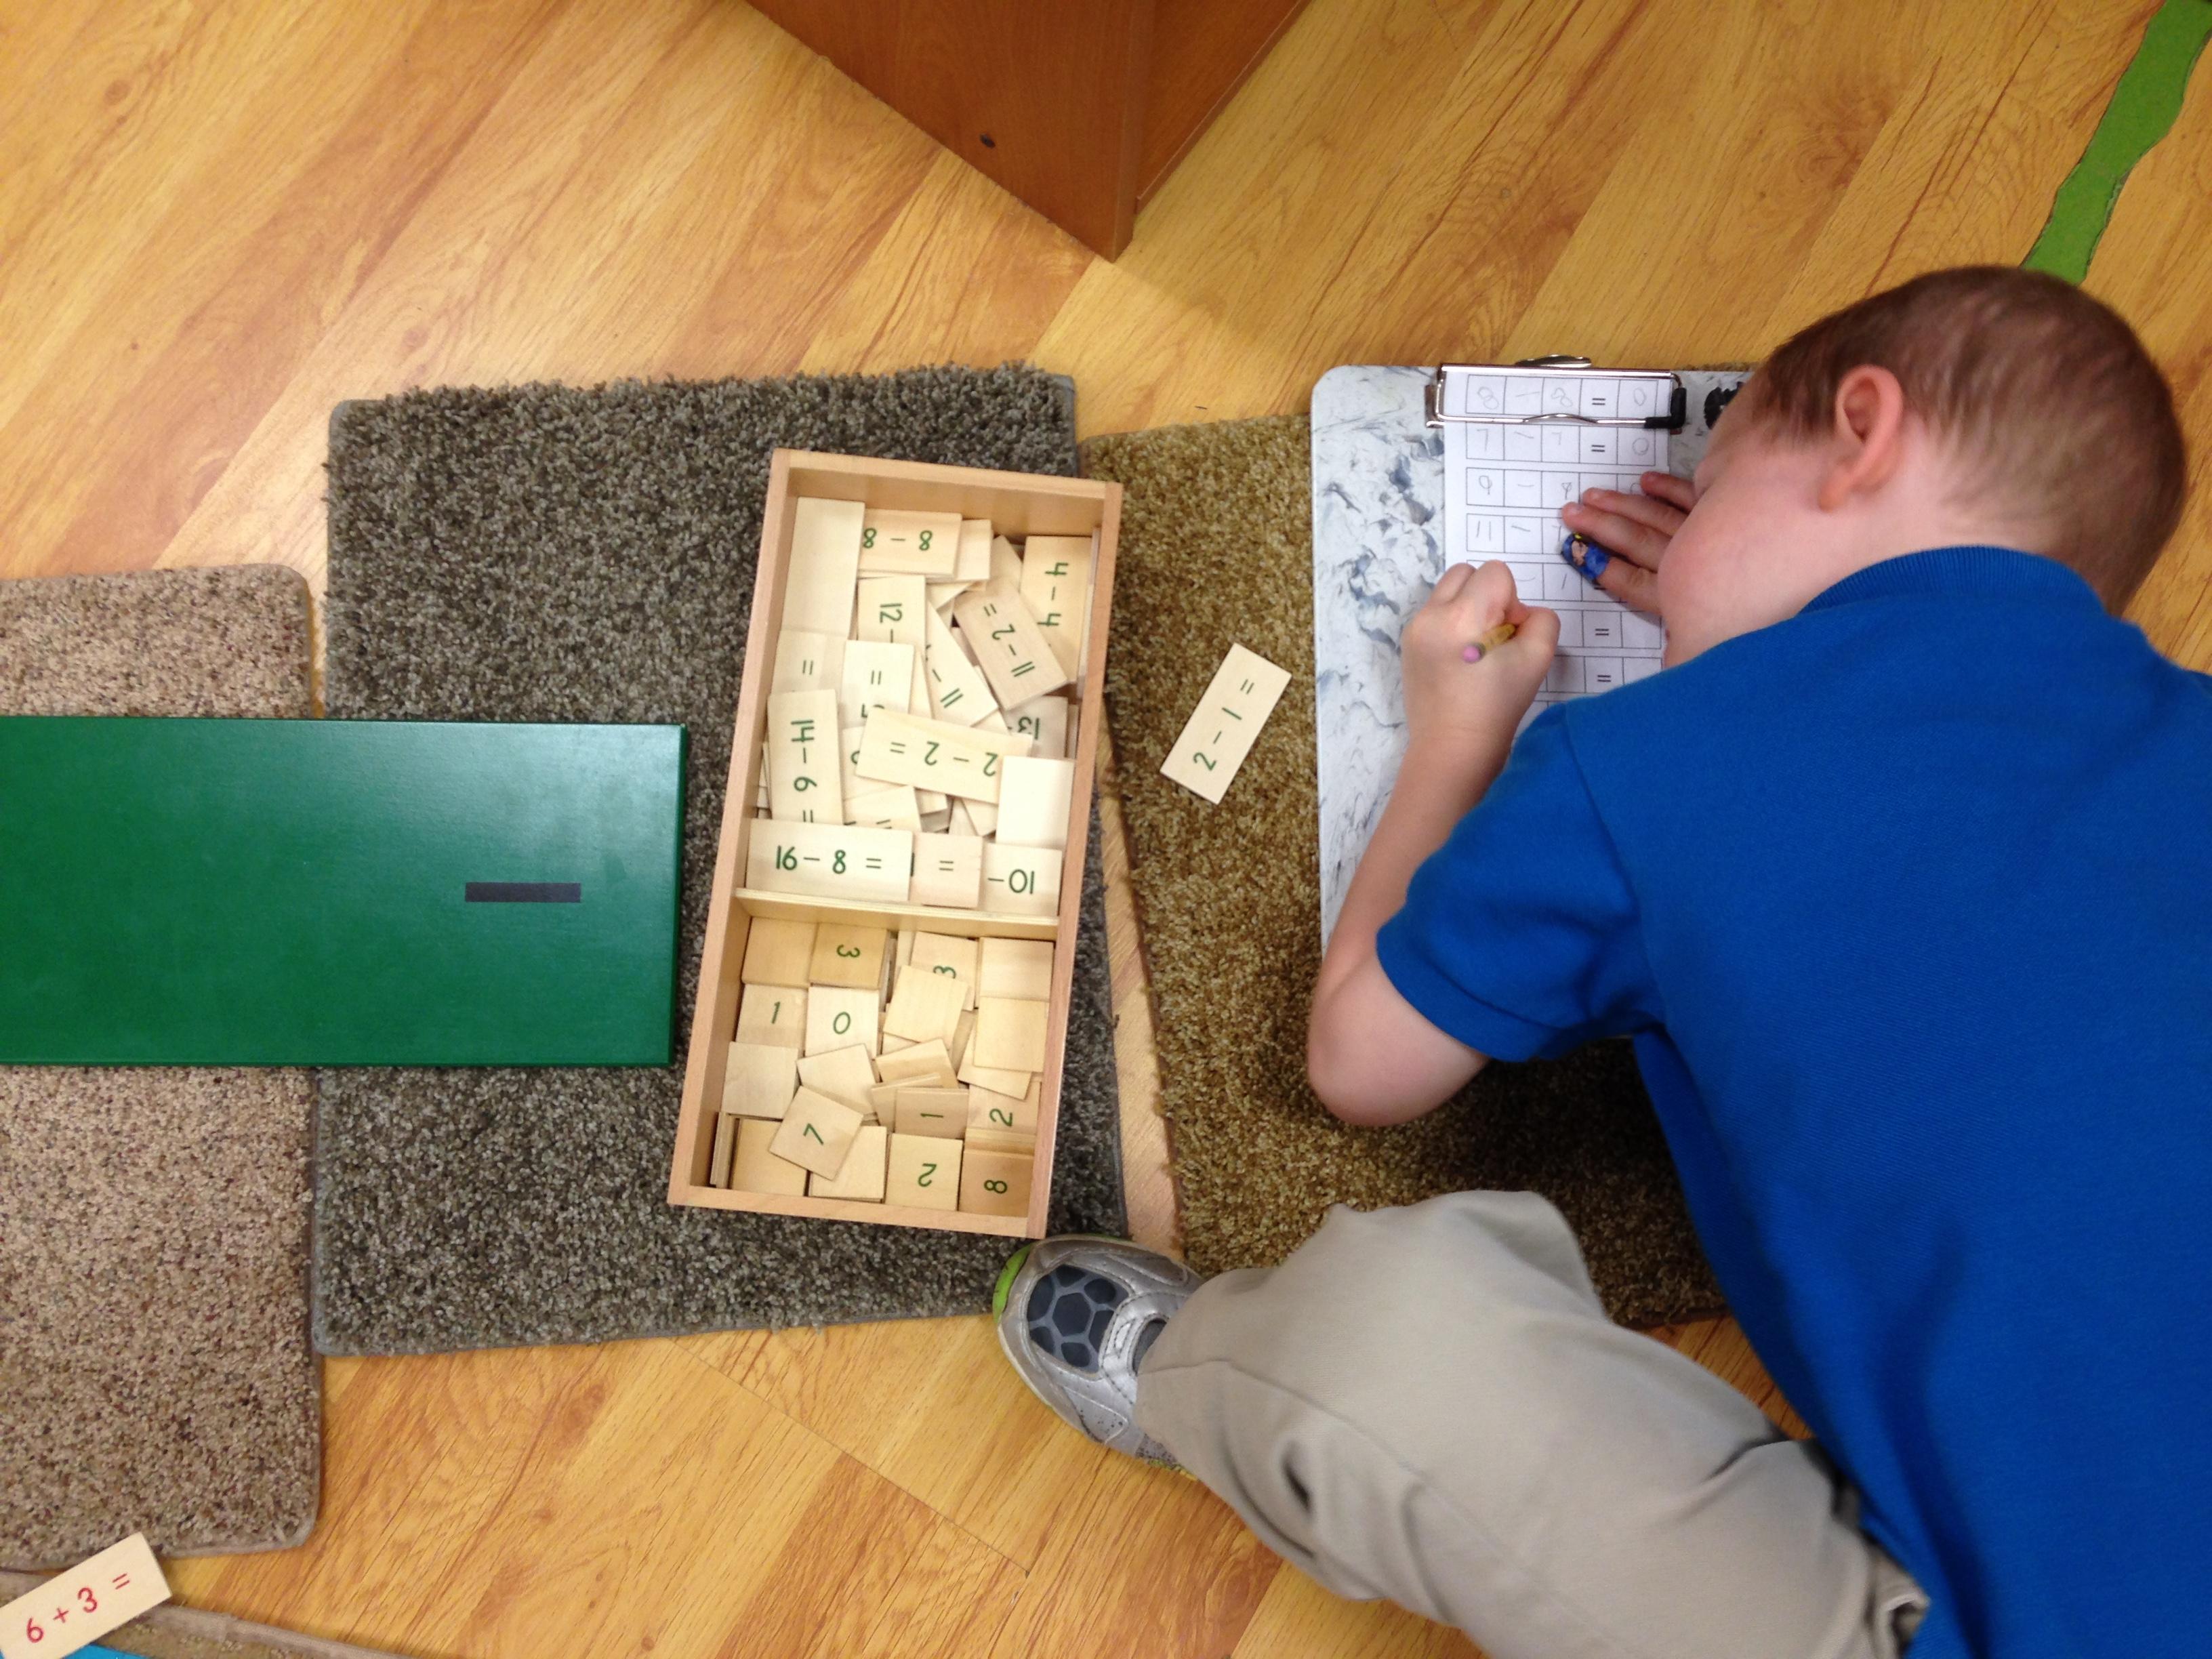 Child working on Math